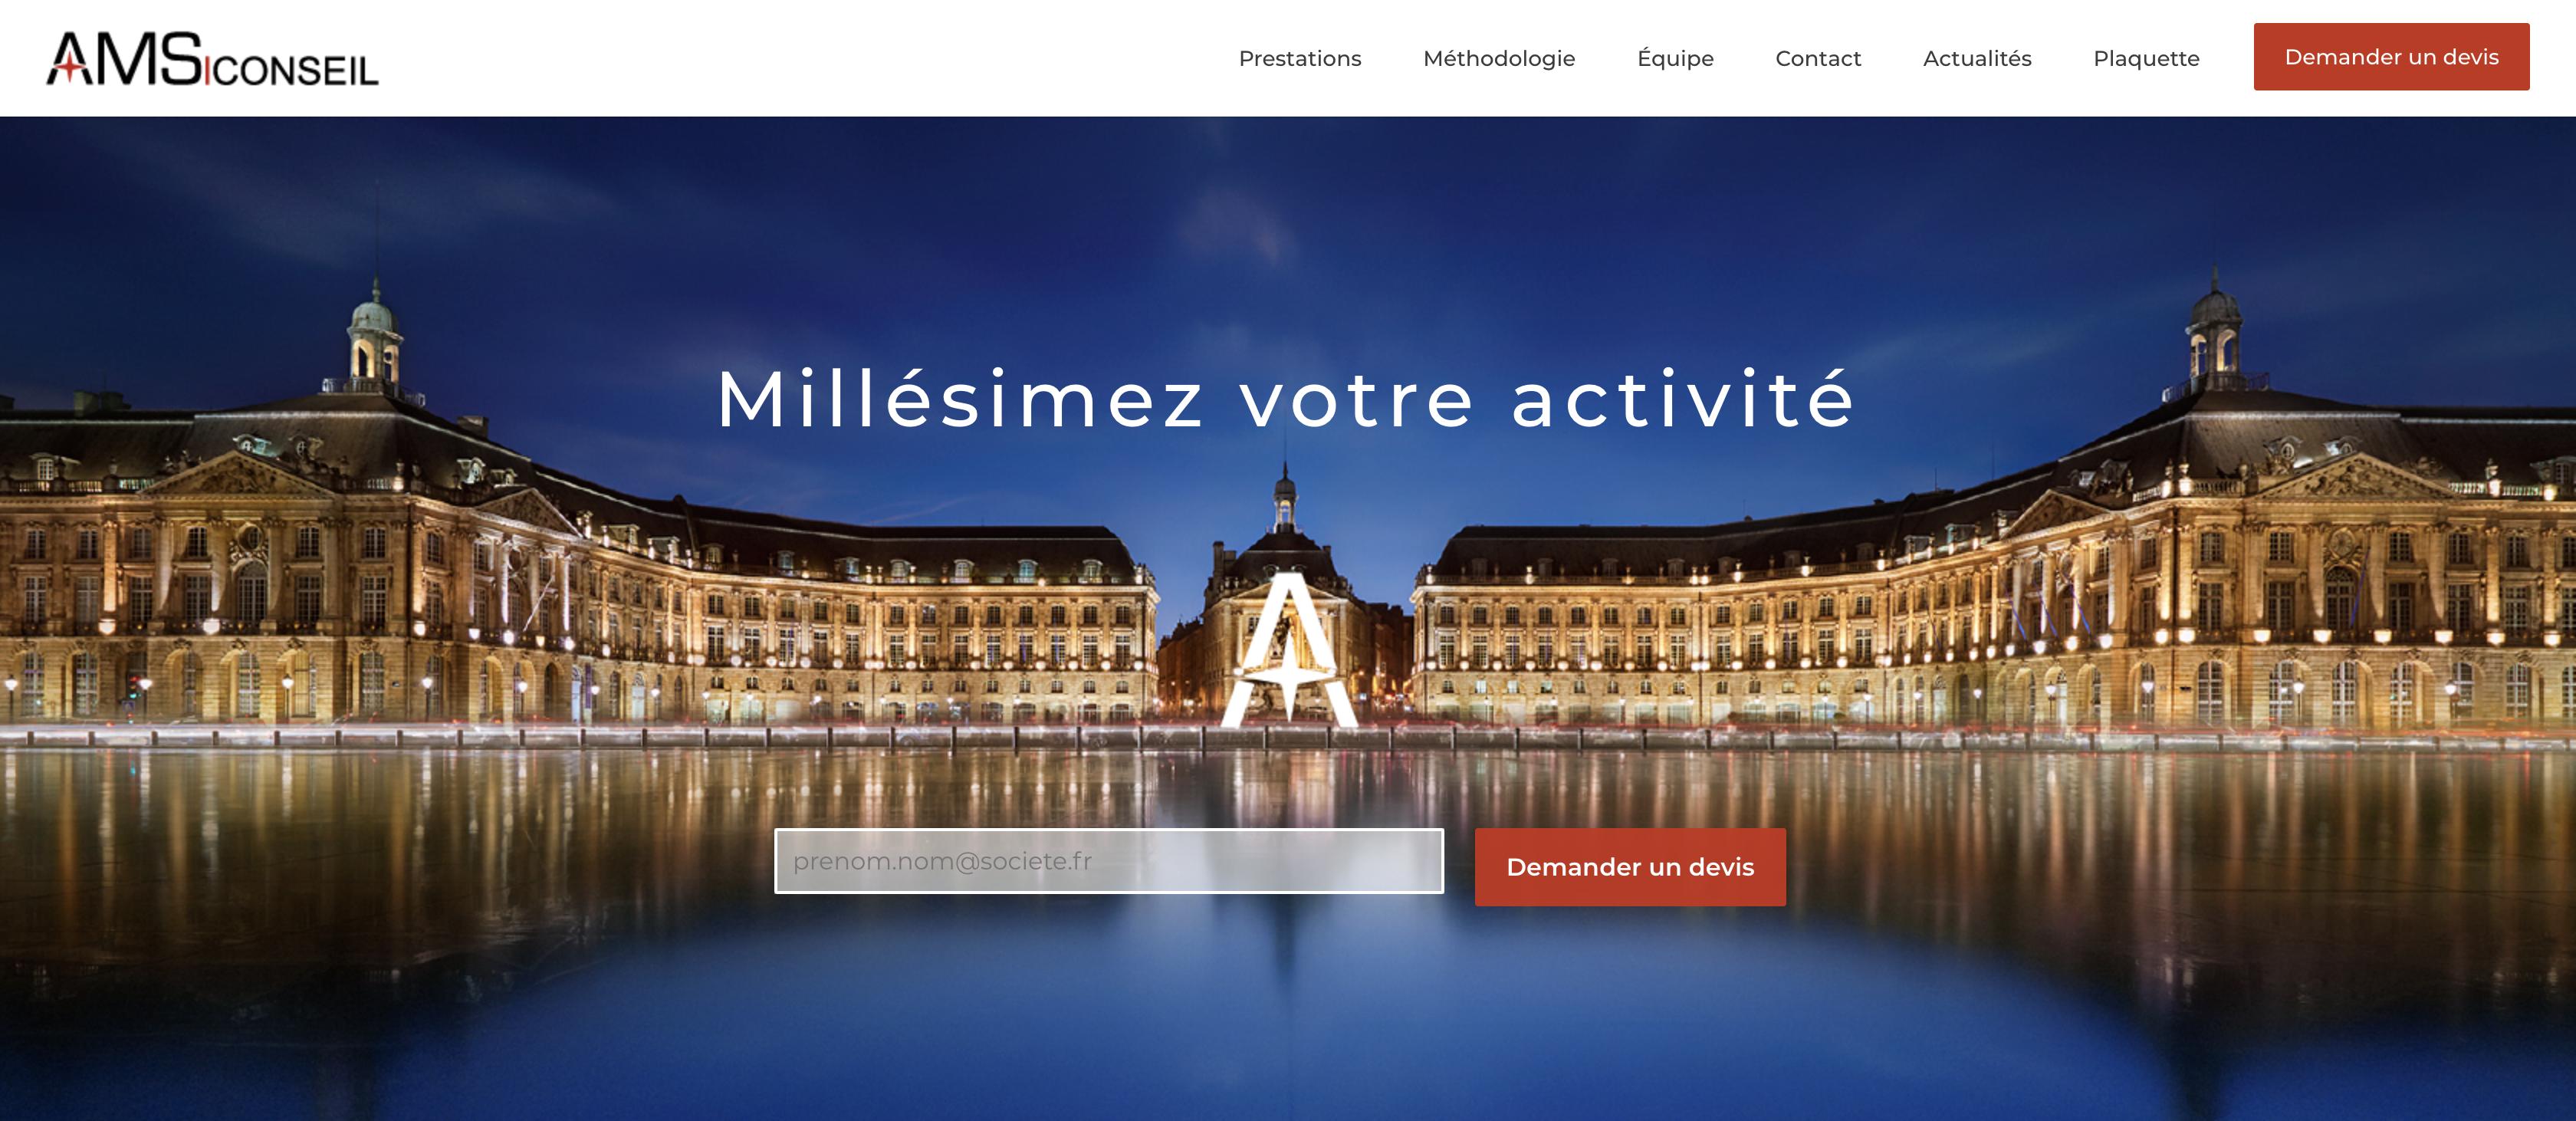 Refonte complète du site internet d'AMS Conseil